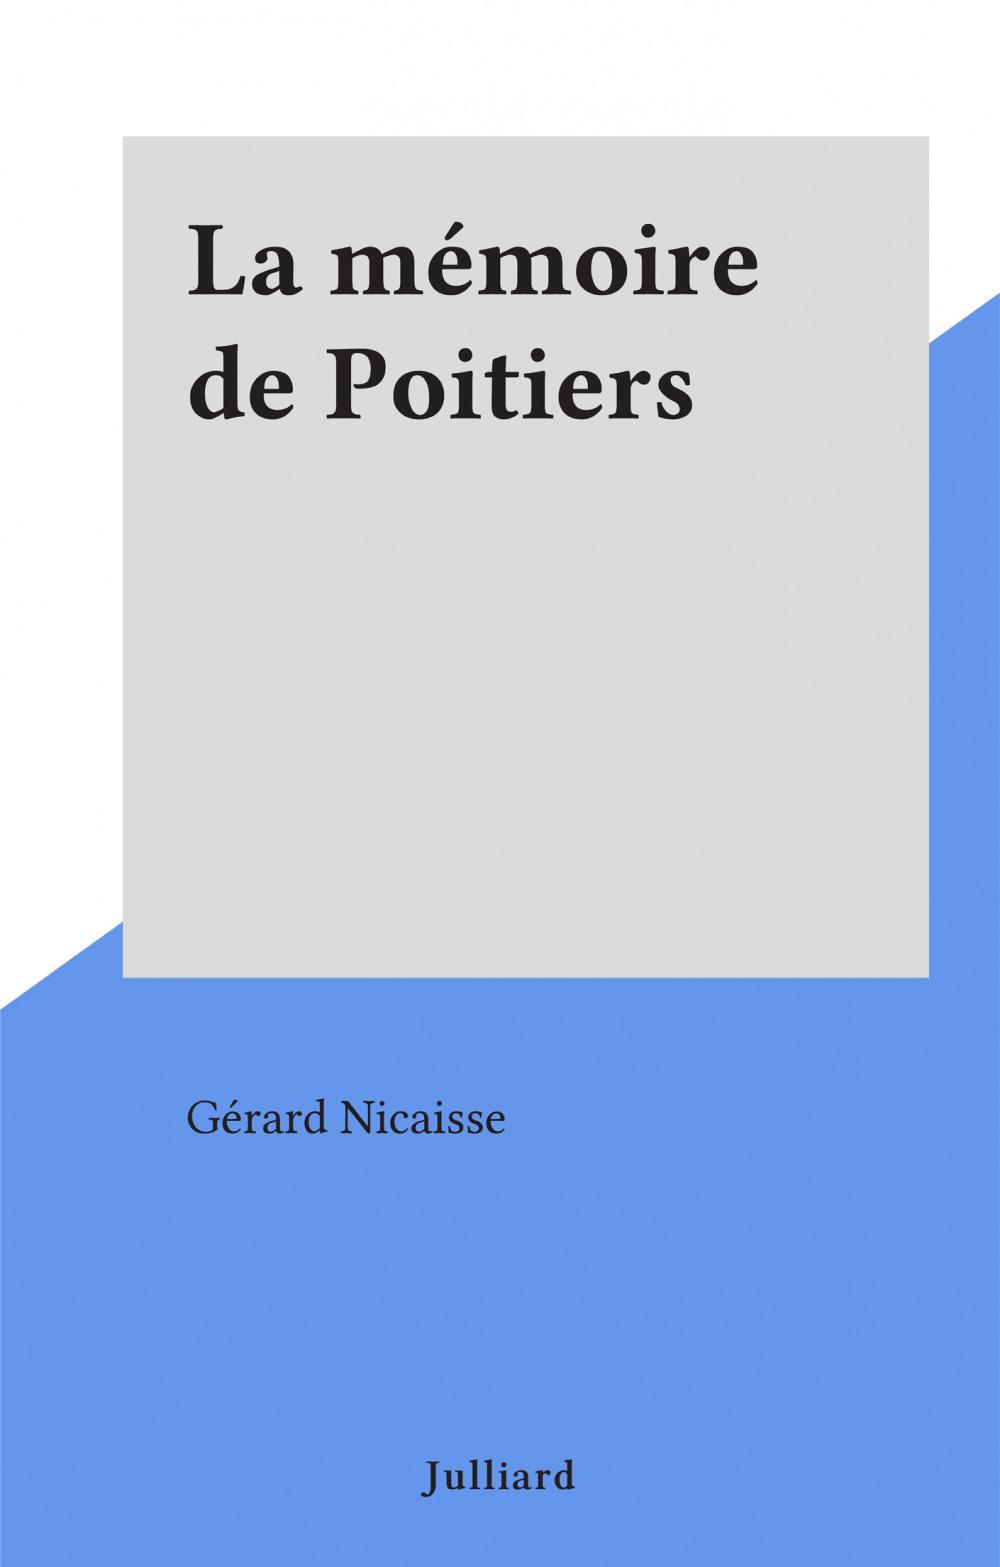 La mémoire de Poitiers  - Gérard Nicaisse